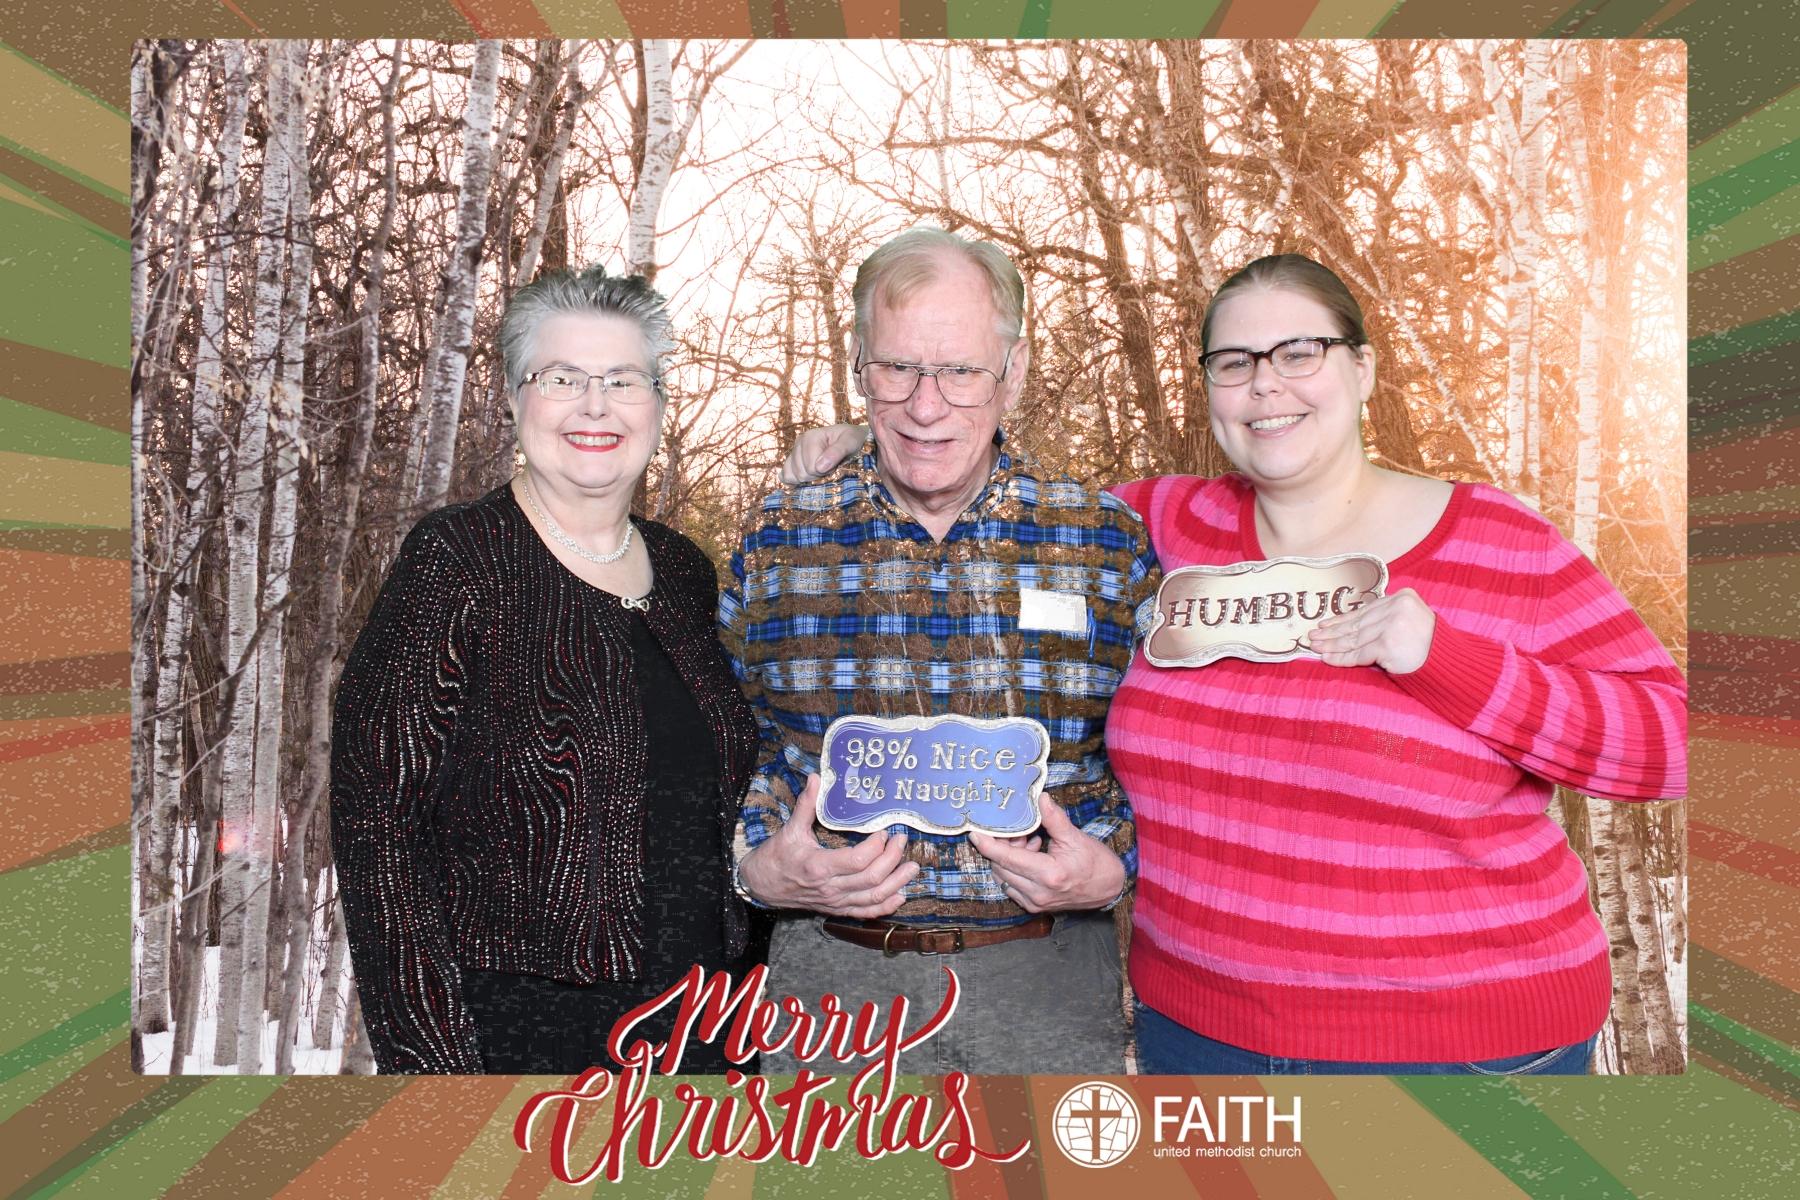 Faith2018_2018-12-24_15-35-38.jpg